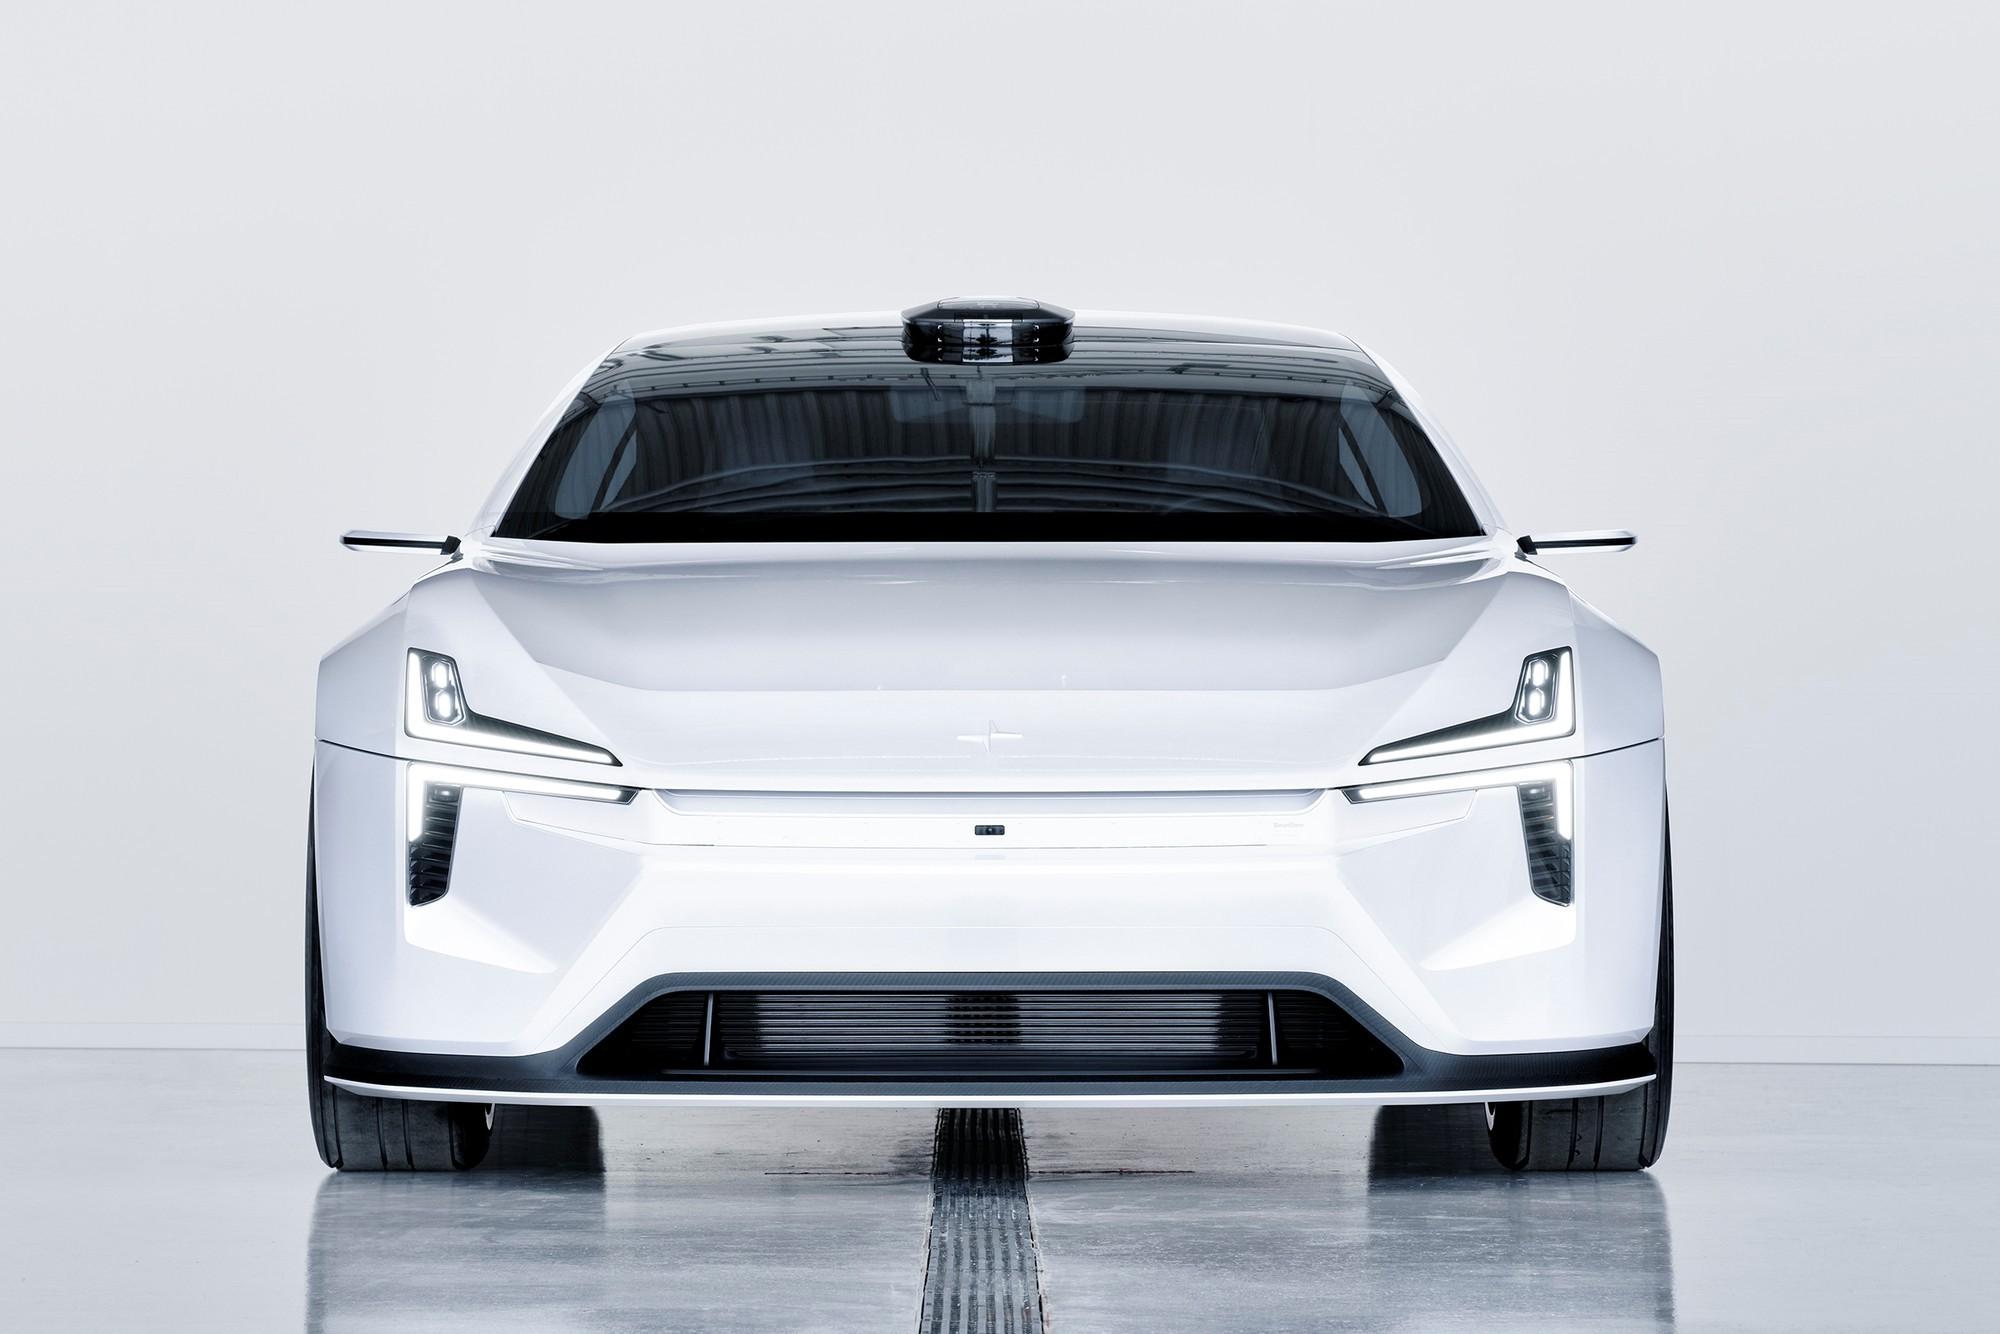 Polestar готовит полностью углерод-нейтральную модель и спортивный Polestar 2